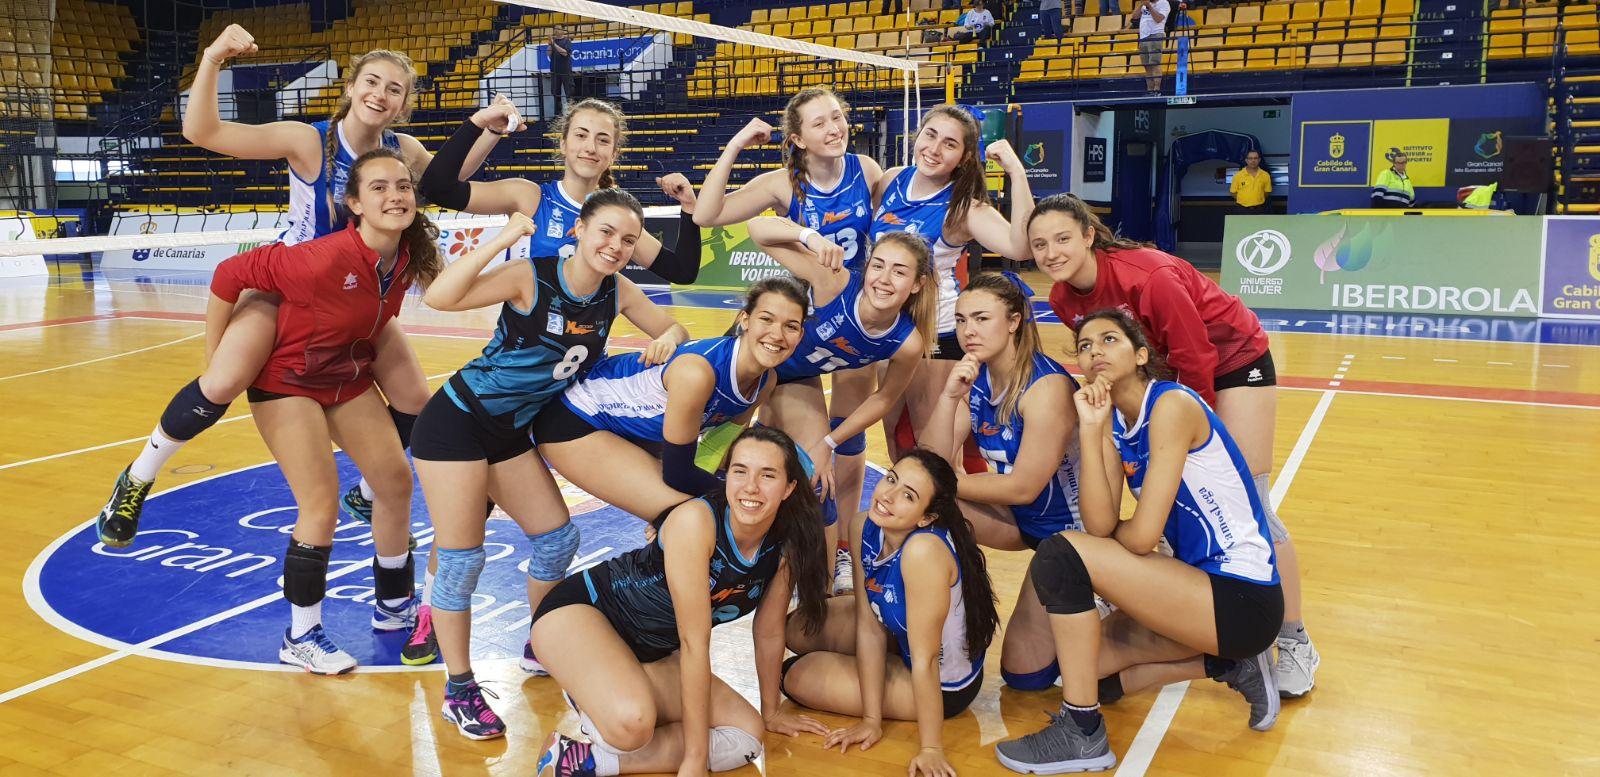 La cantera del Club Voleibol Leganés exhibe su poderío tanto a ...